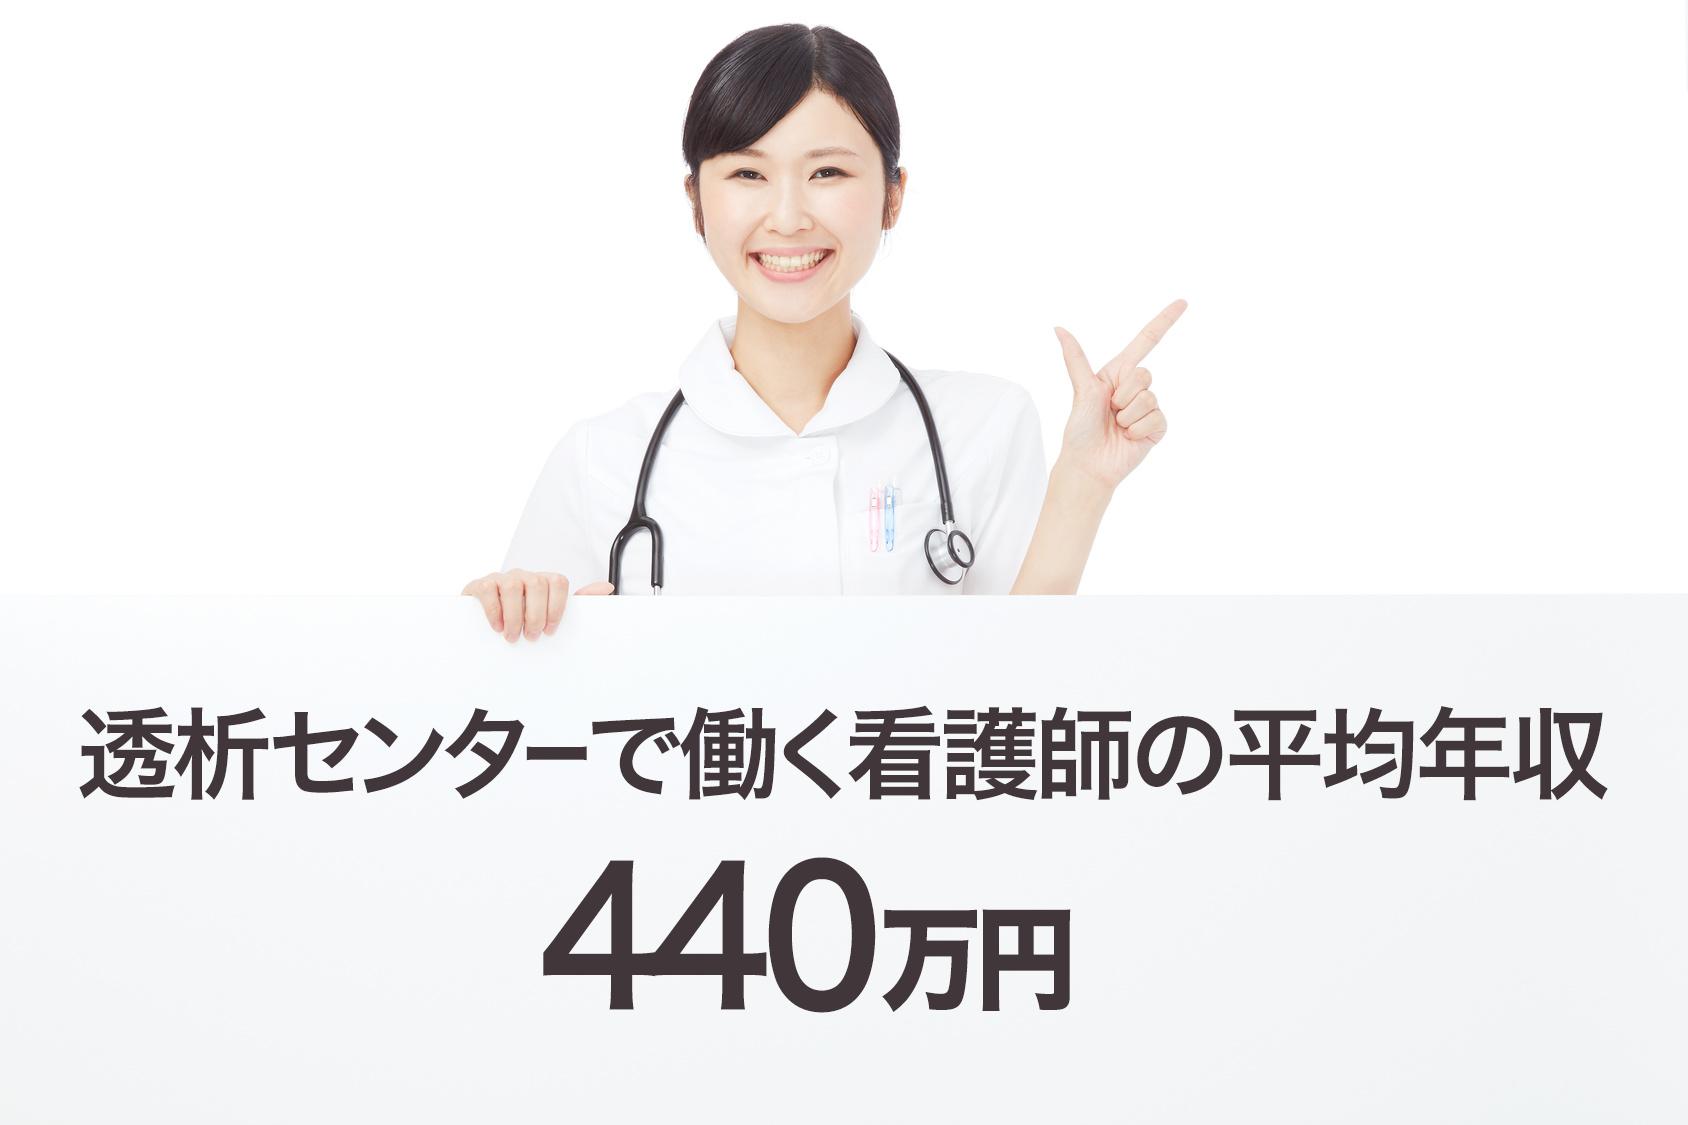 透析センターで働く看護師の平均給料